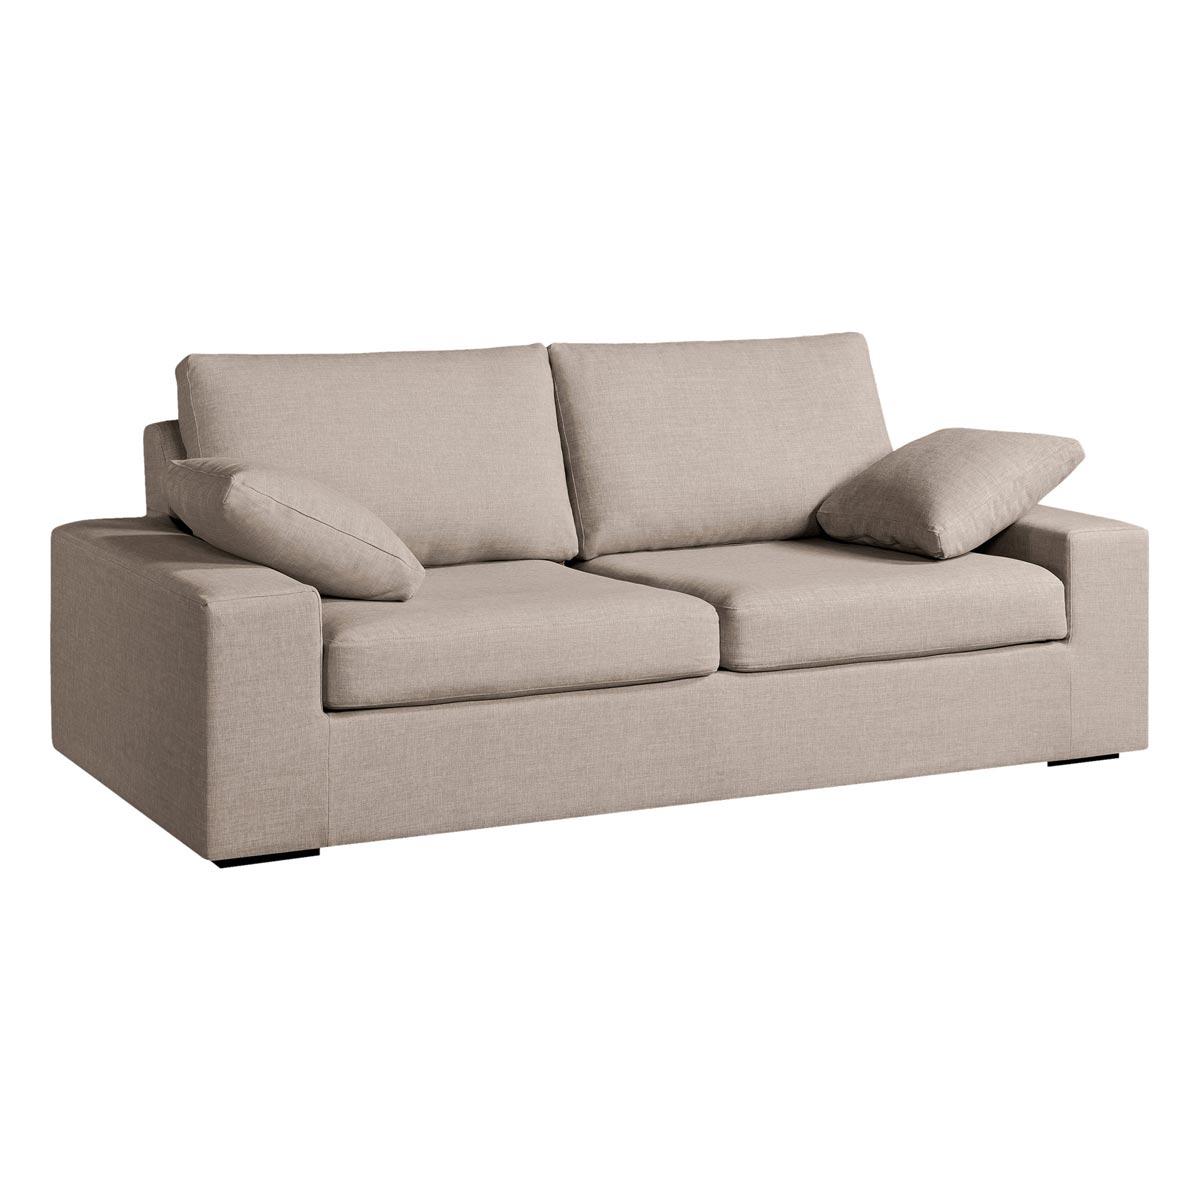 Canapé tissus fixe 2 ou 3 places coloris Naturel Johnson 5215